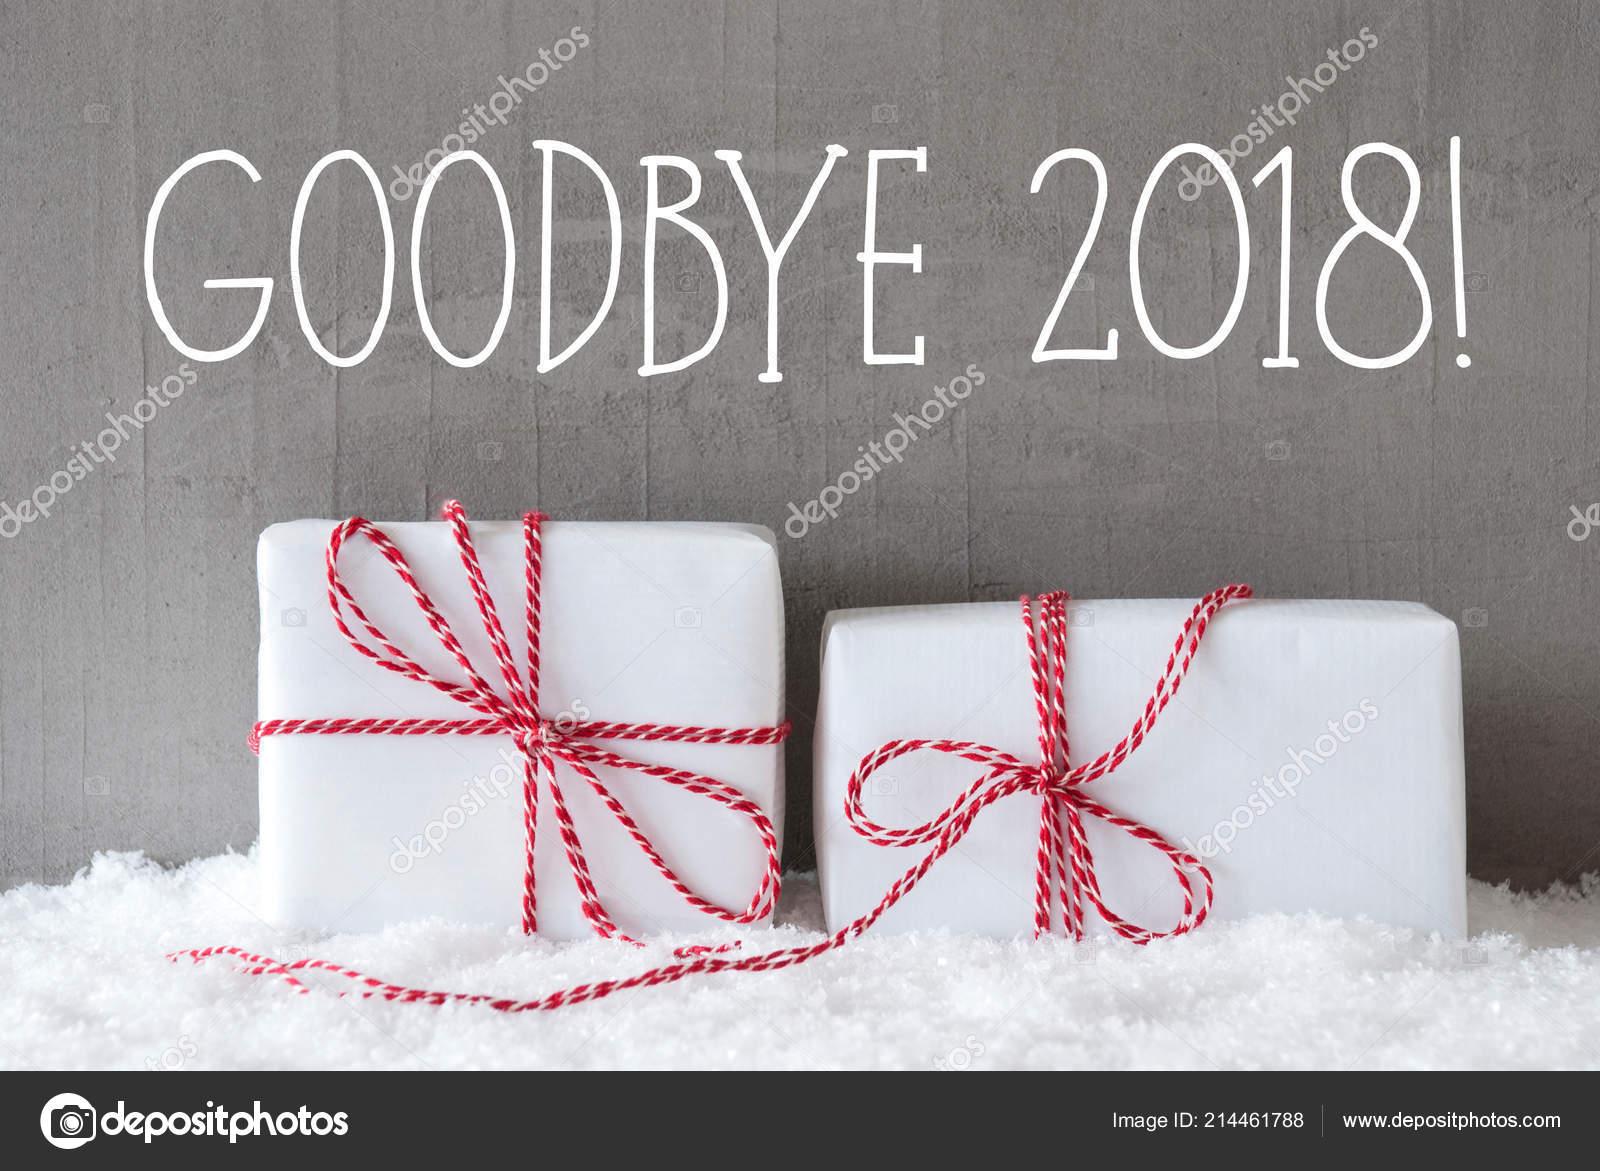 Twee Geschenken Met Sneeuw Engels Tekst Goodbye 2018